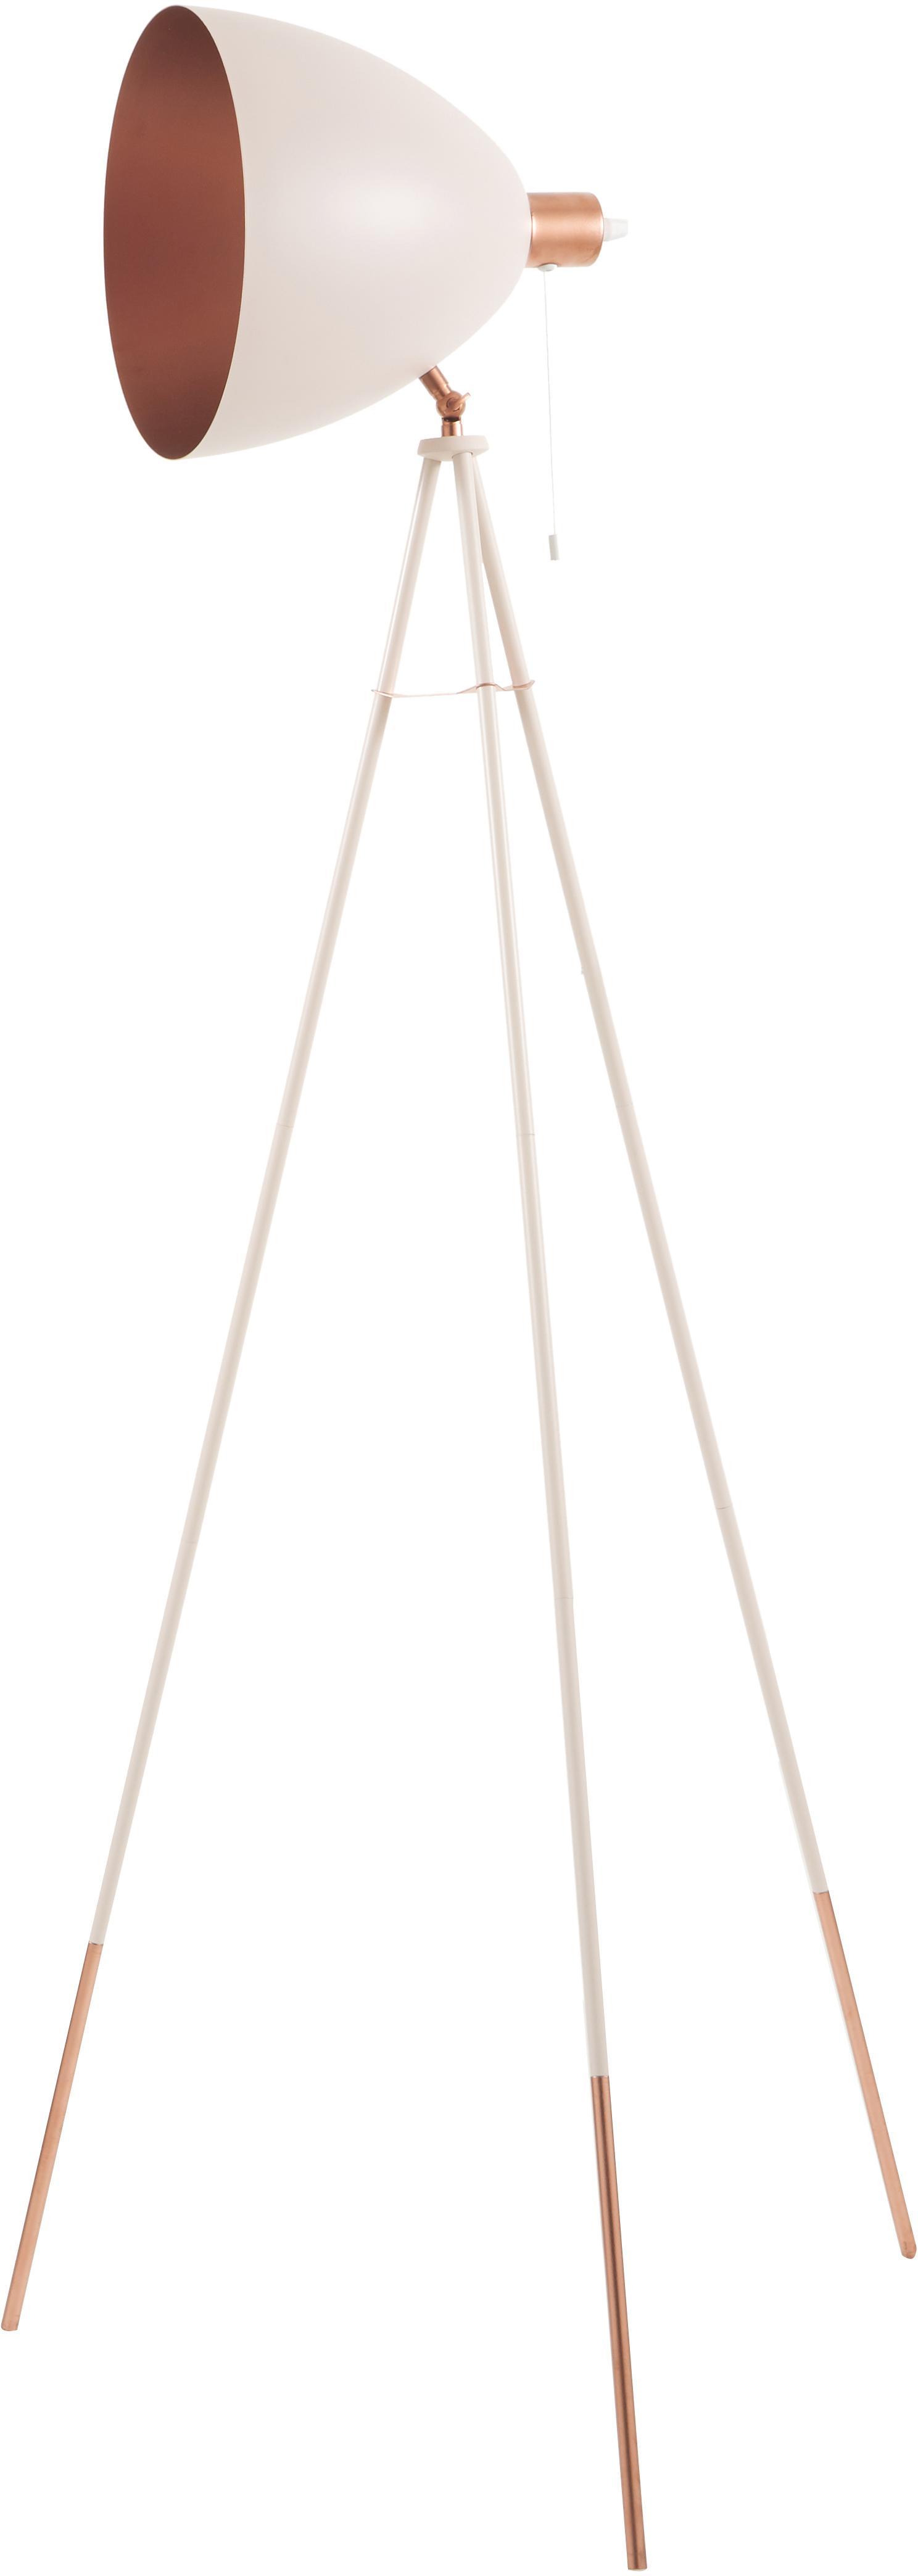 Driepoot leeslamp Chester met koperen decoratie, Lampenkap: gelakt staal, Lampvoet: gelakt staal, Roze, Ø 60 x H 135 cm